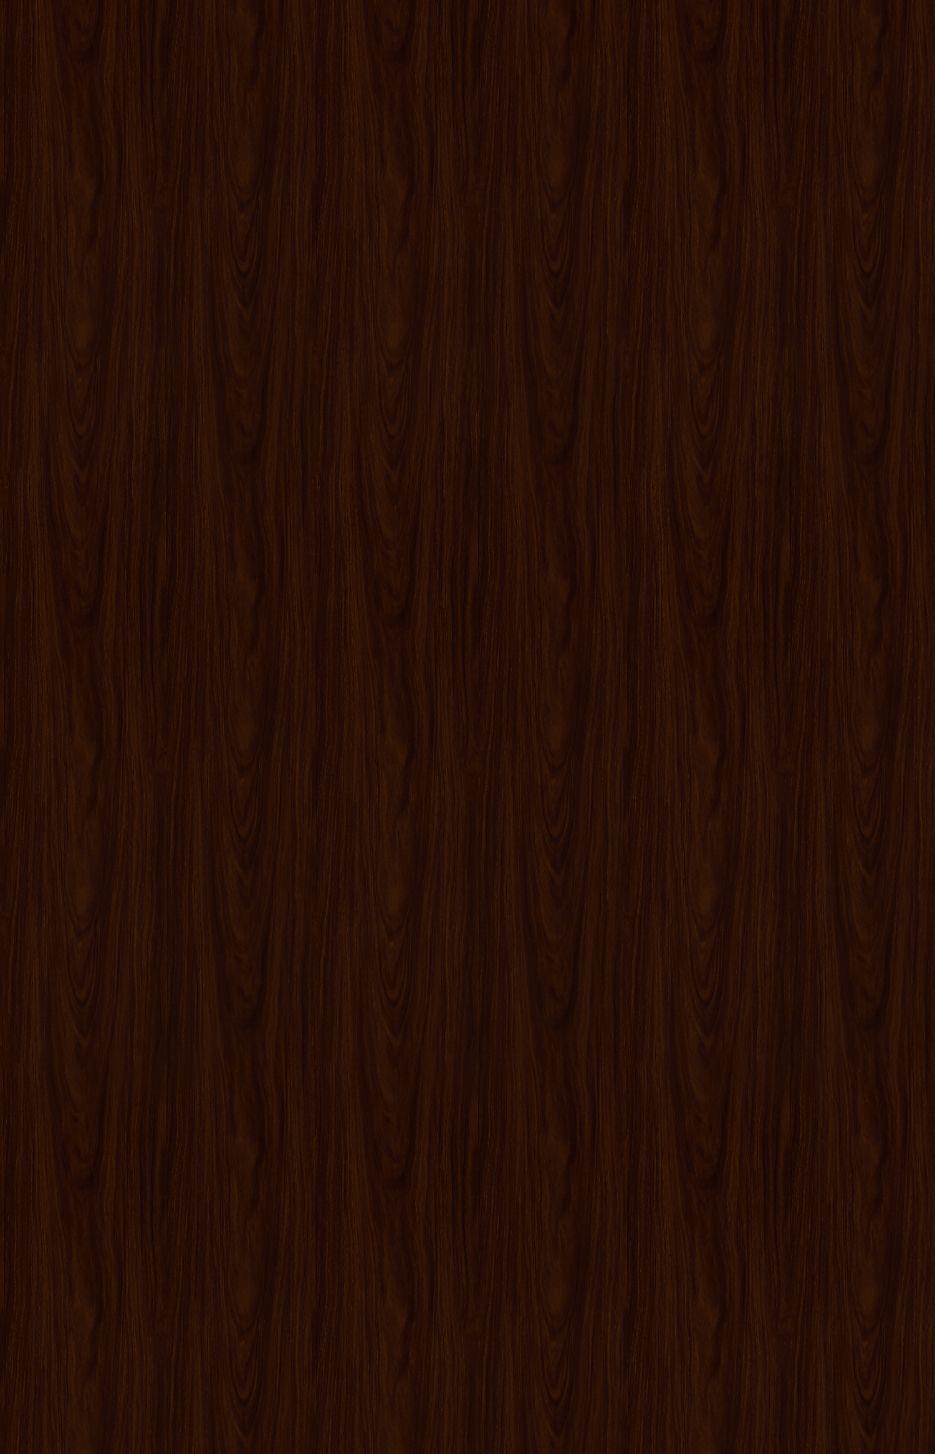 nh vân gỗ 3 - Tấm lam ốp AnPro